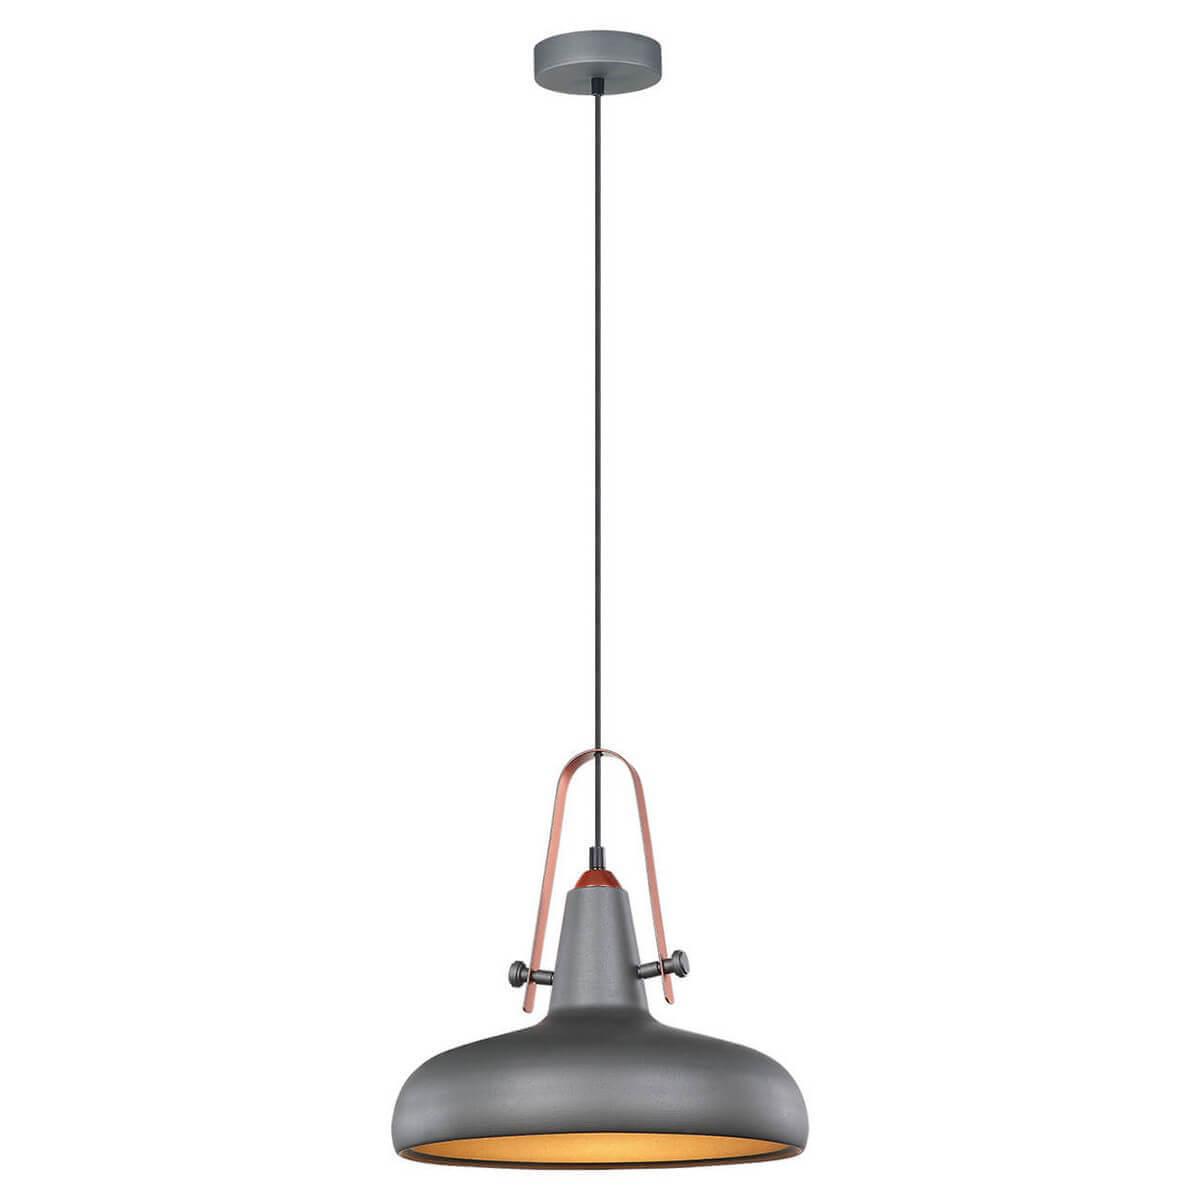 Подвесной светильник Lussole Loft GRLSP-9814 подвесной светильник lussole grlsp 9856 серый